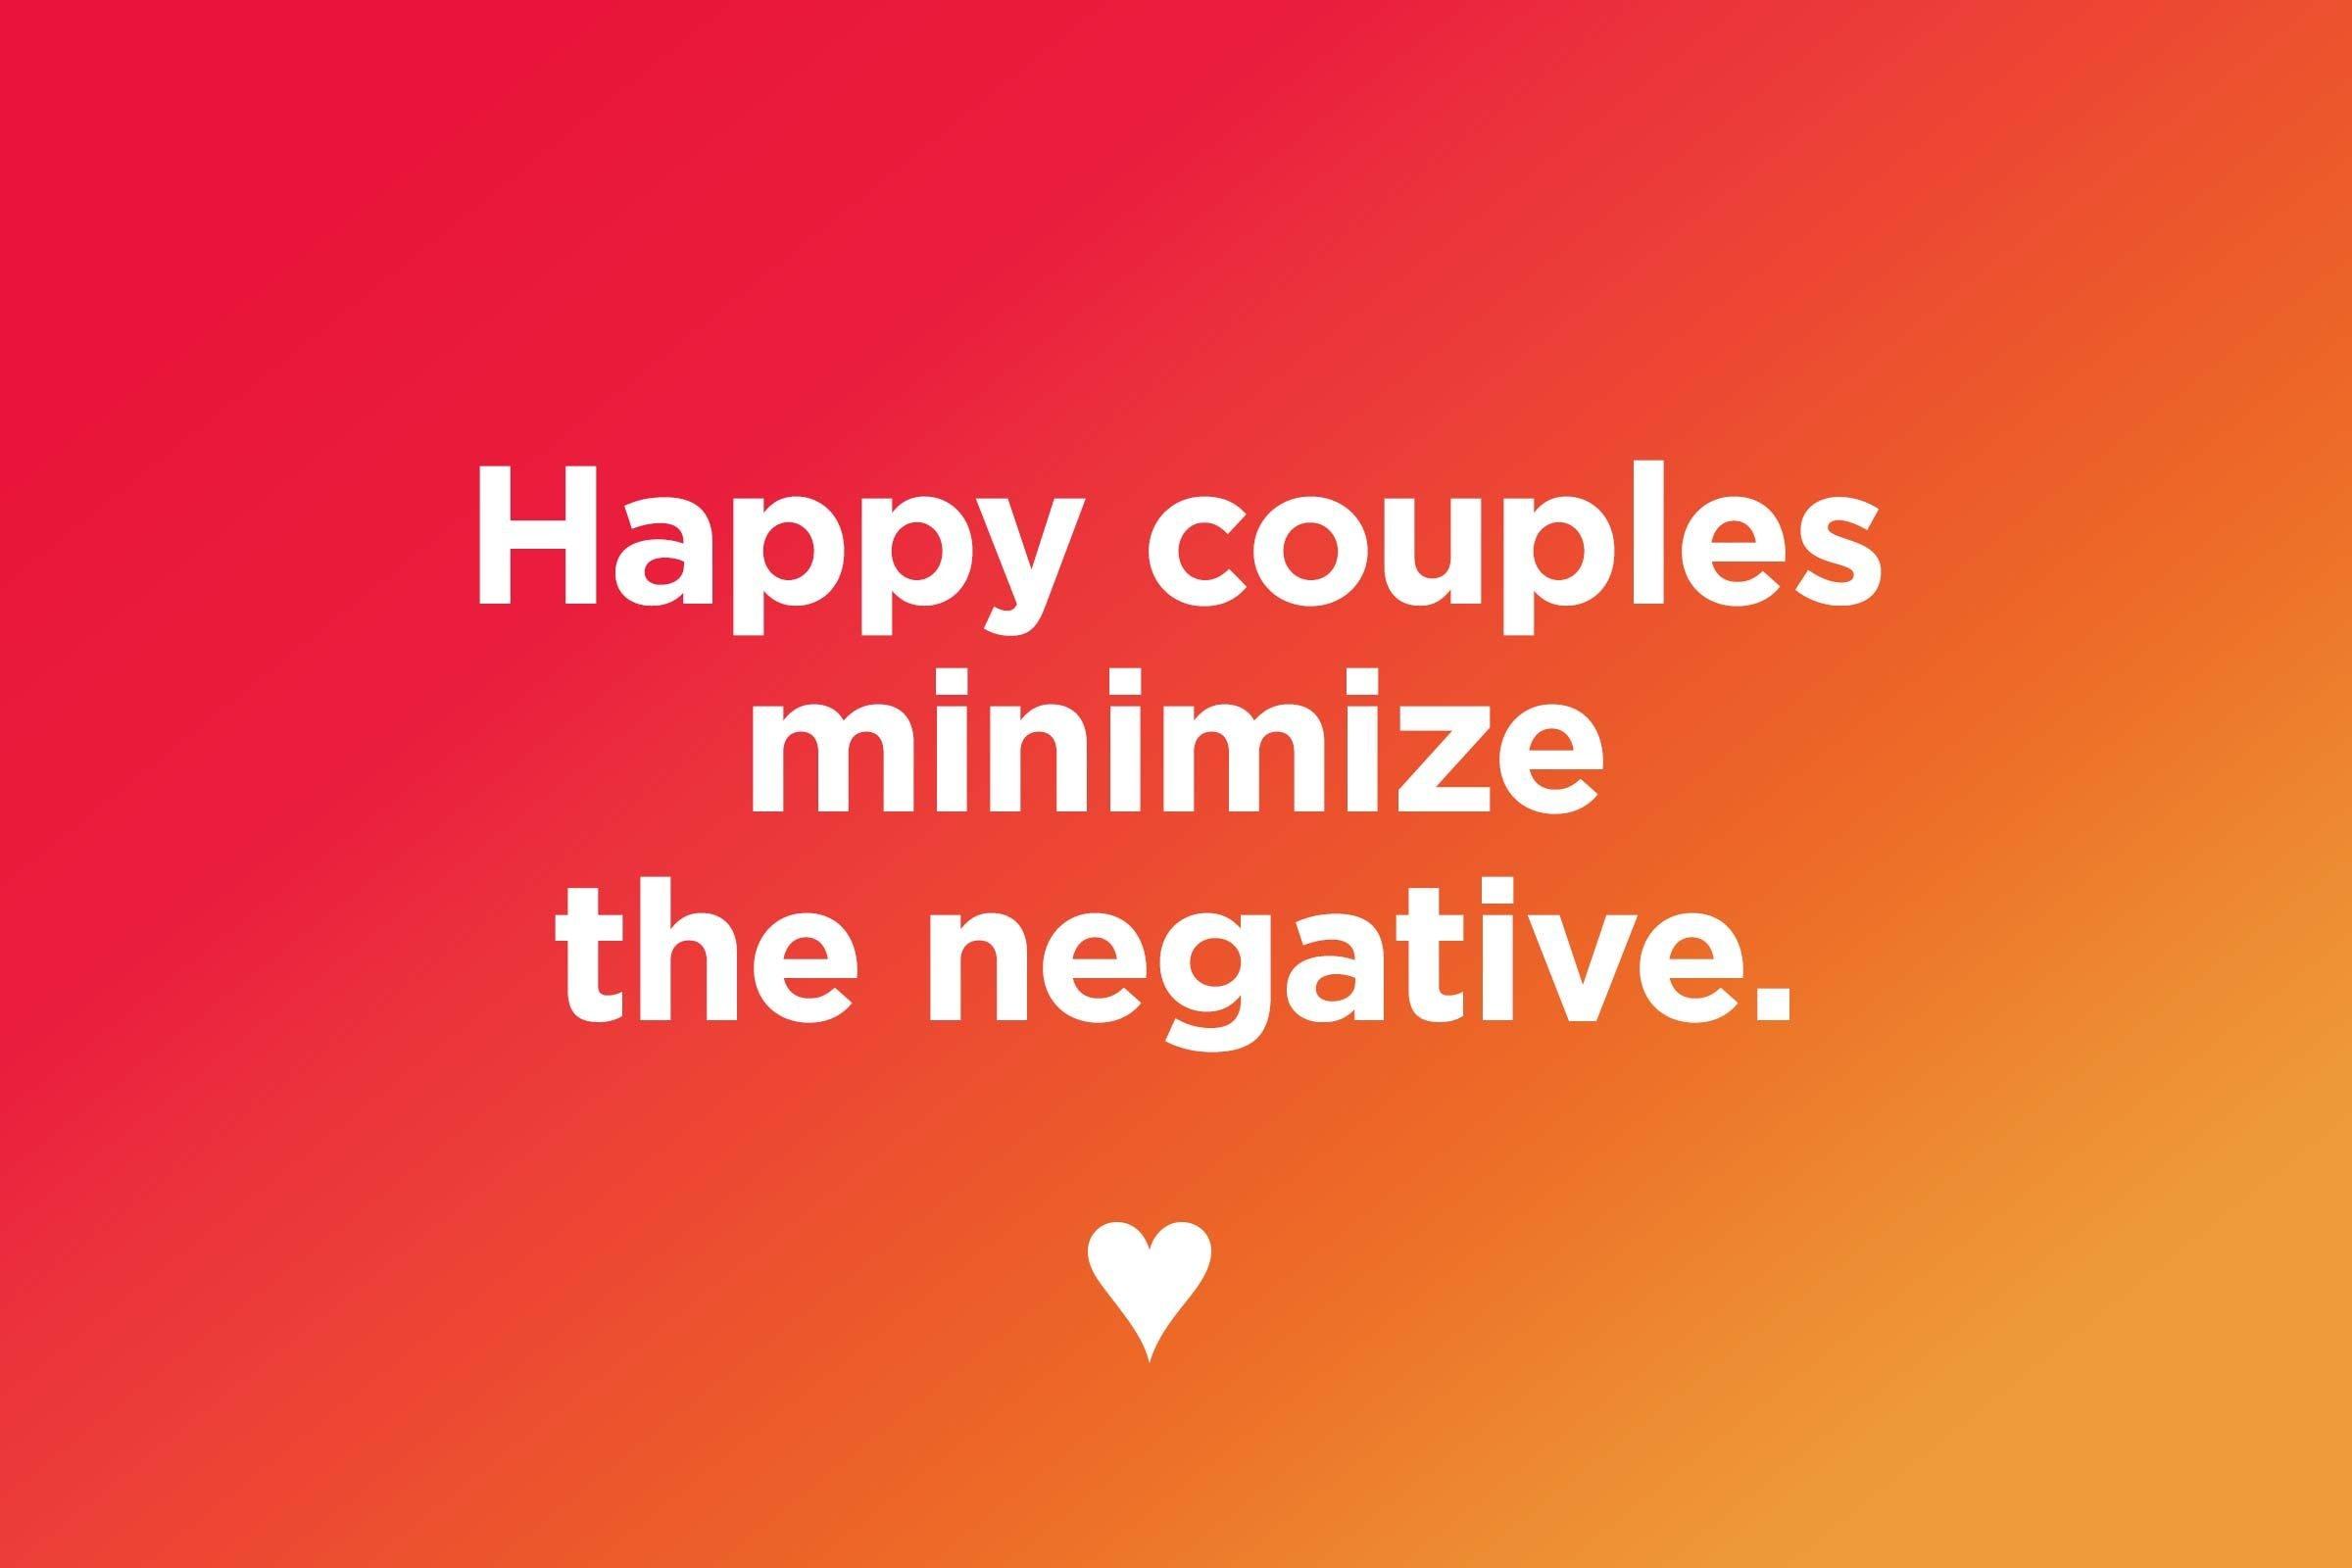 Happy couples minimize the negative.